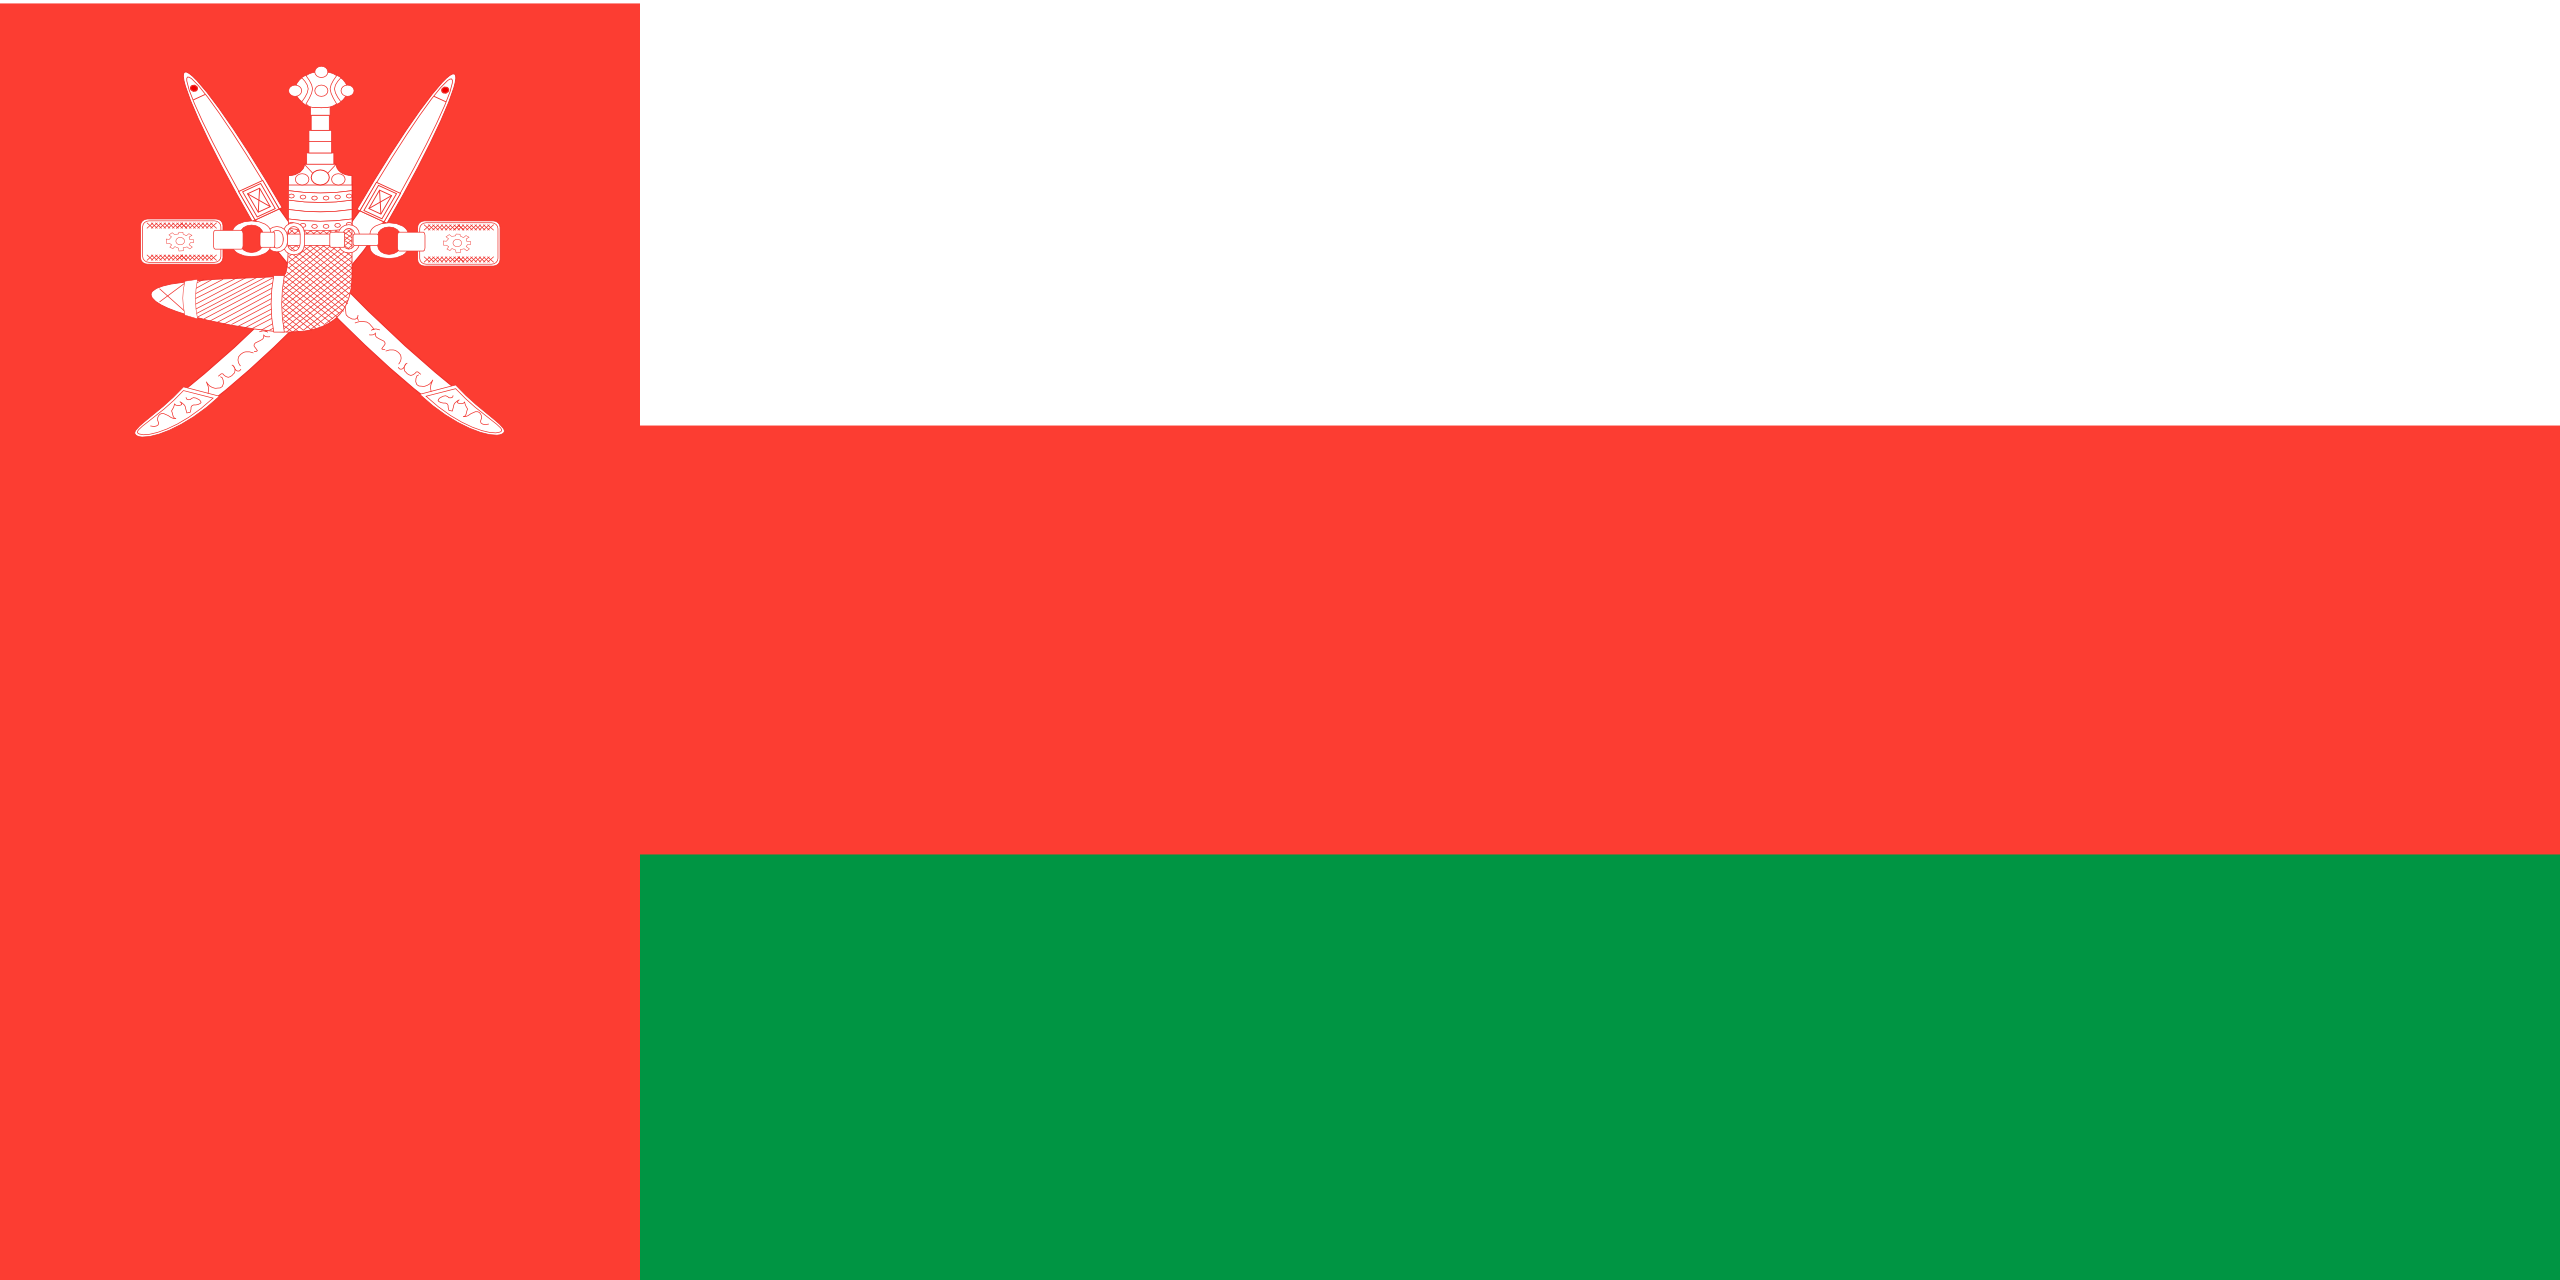 omán, país, emblema, insignia, símbolo - Fondos de Pantalla HD - professor-falken.com